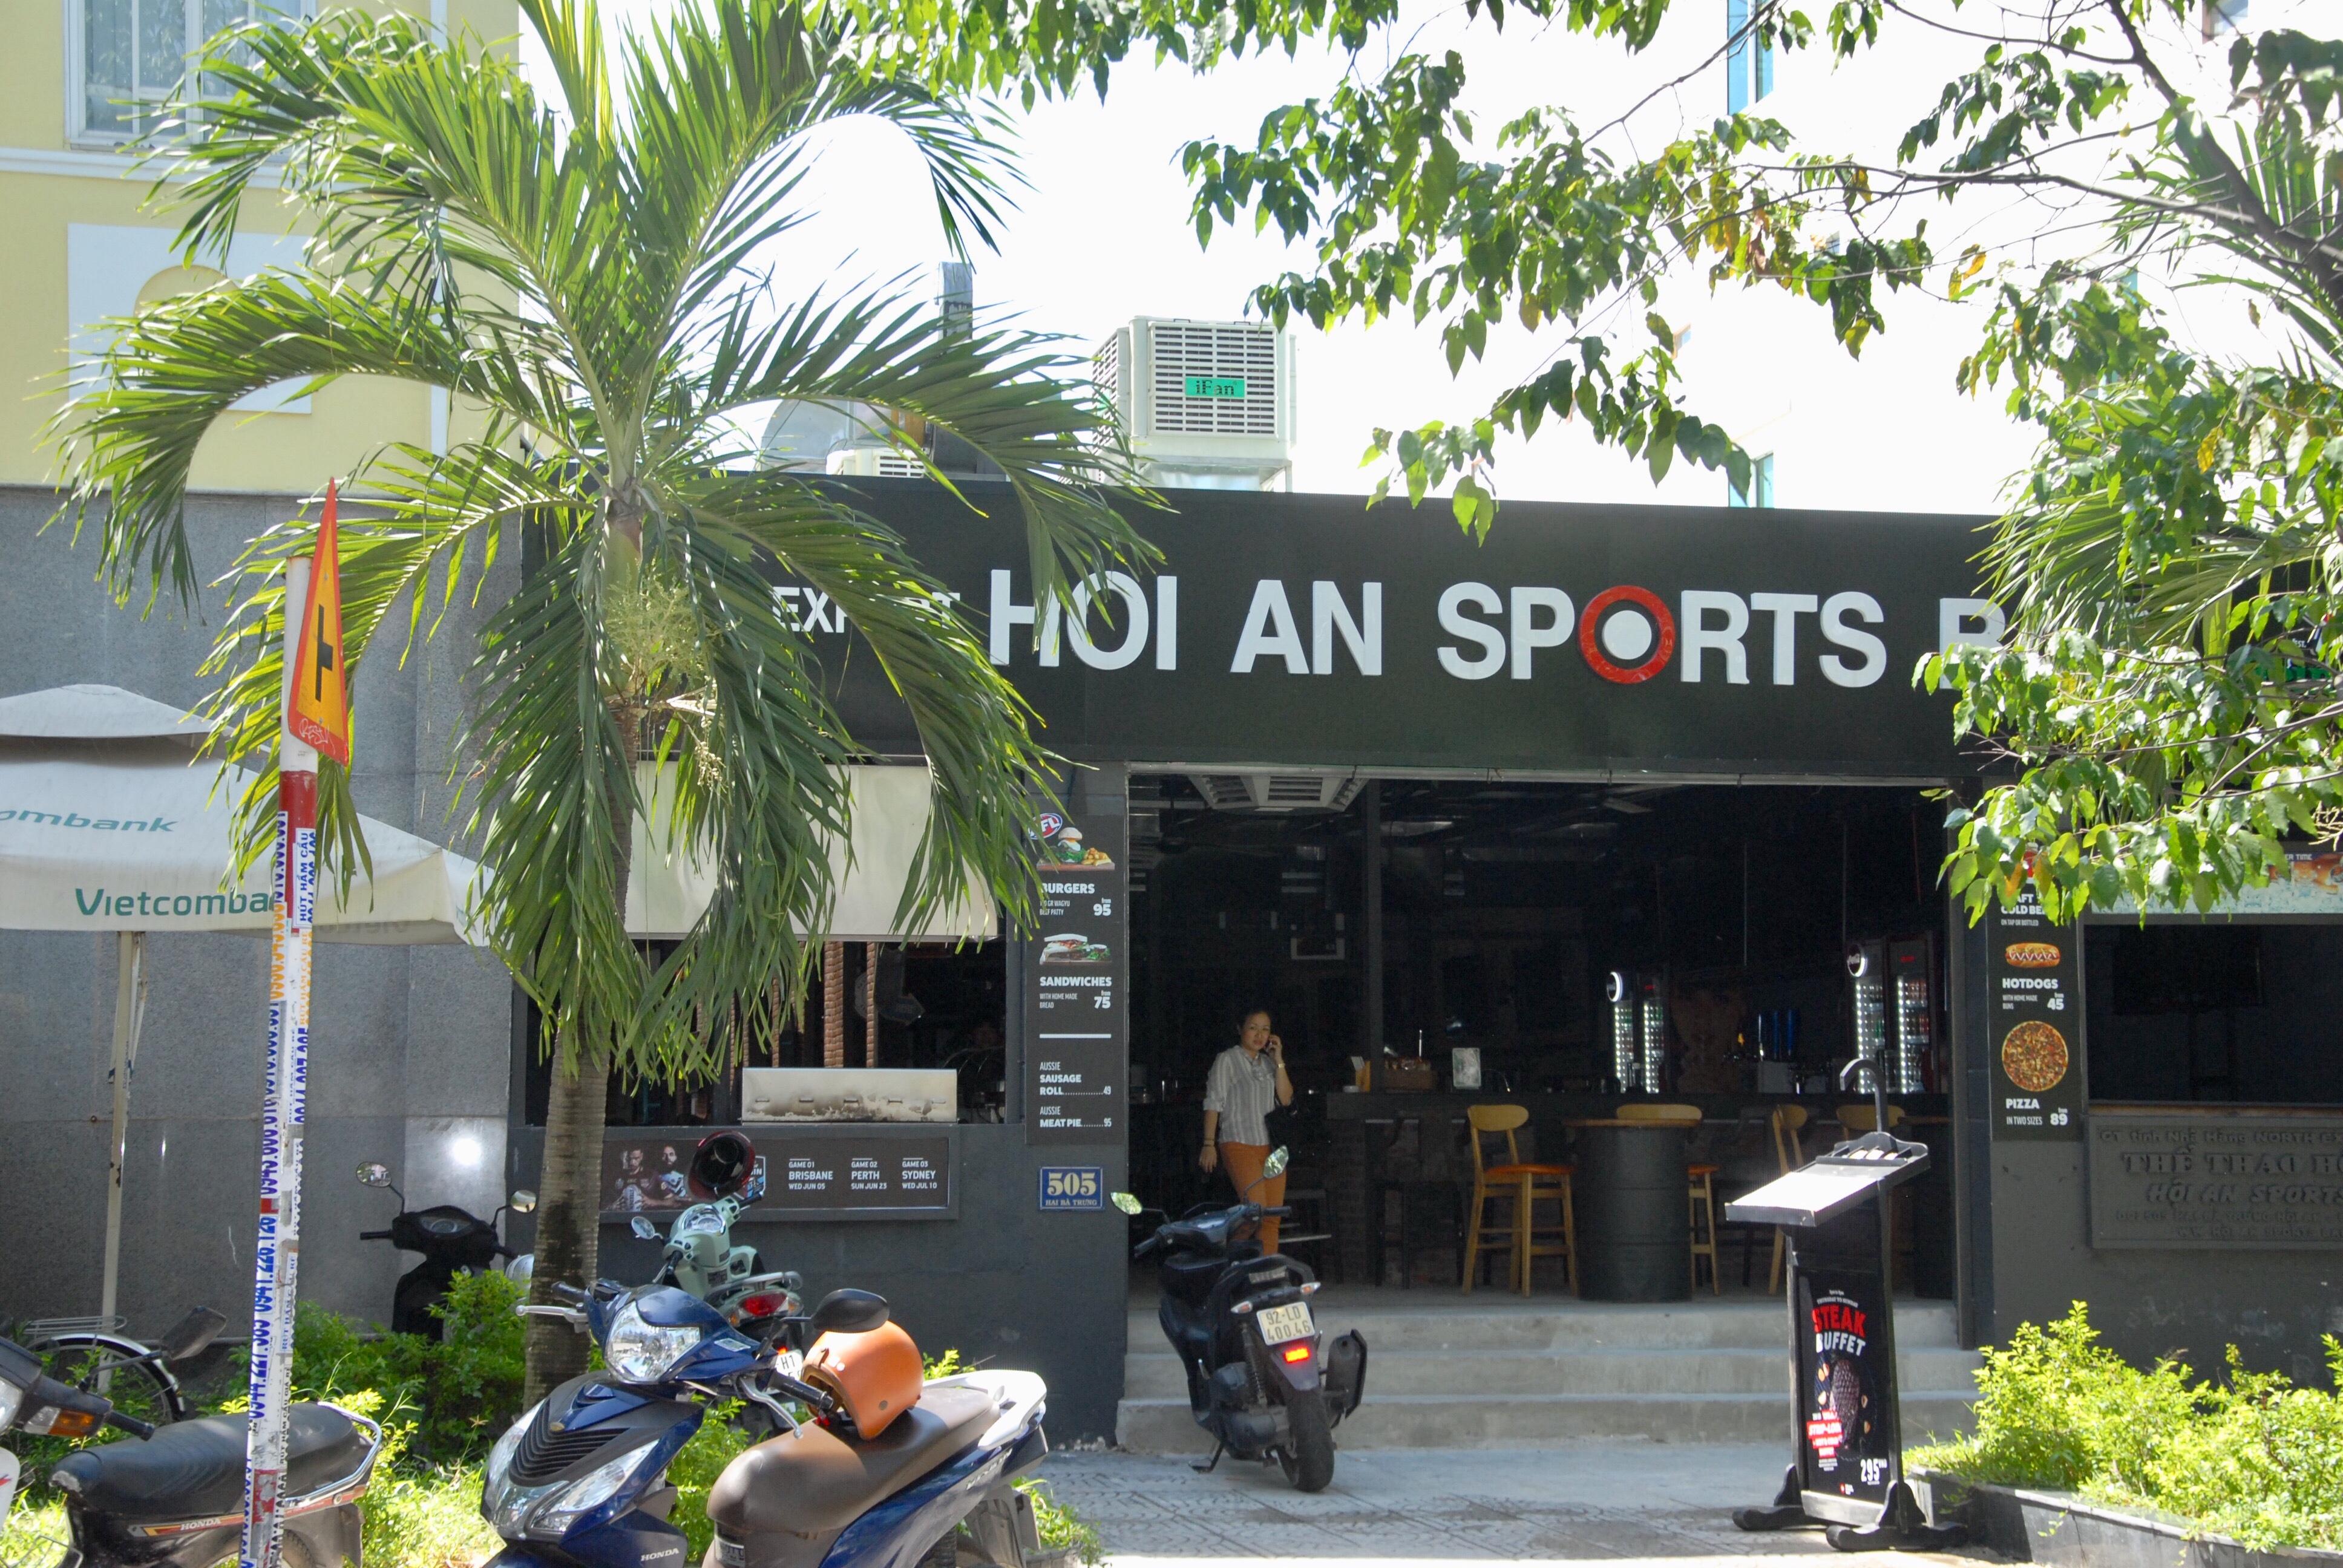 Giải pháp làm mát Hoi An Sports